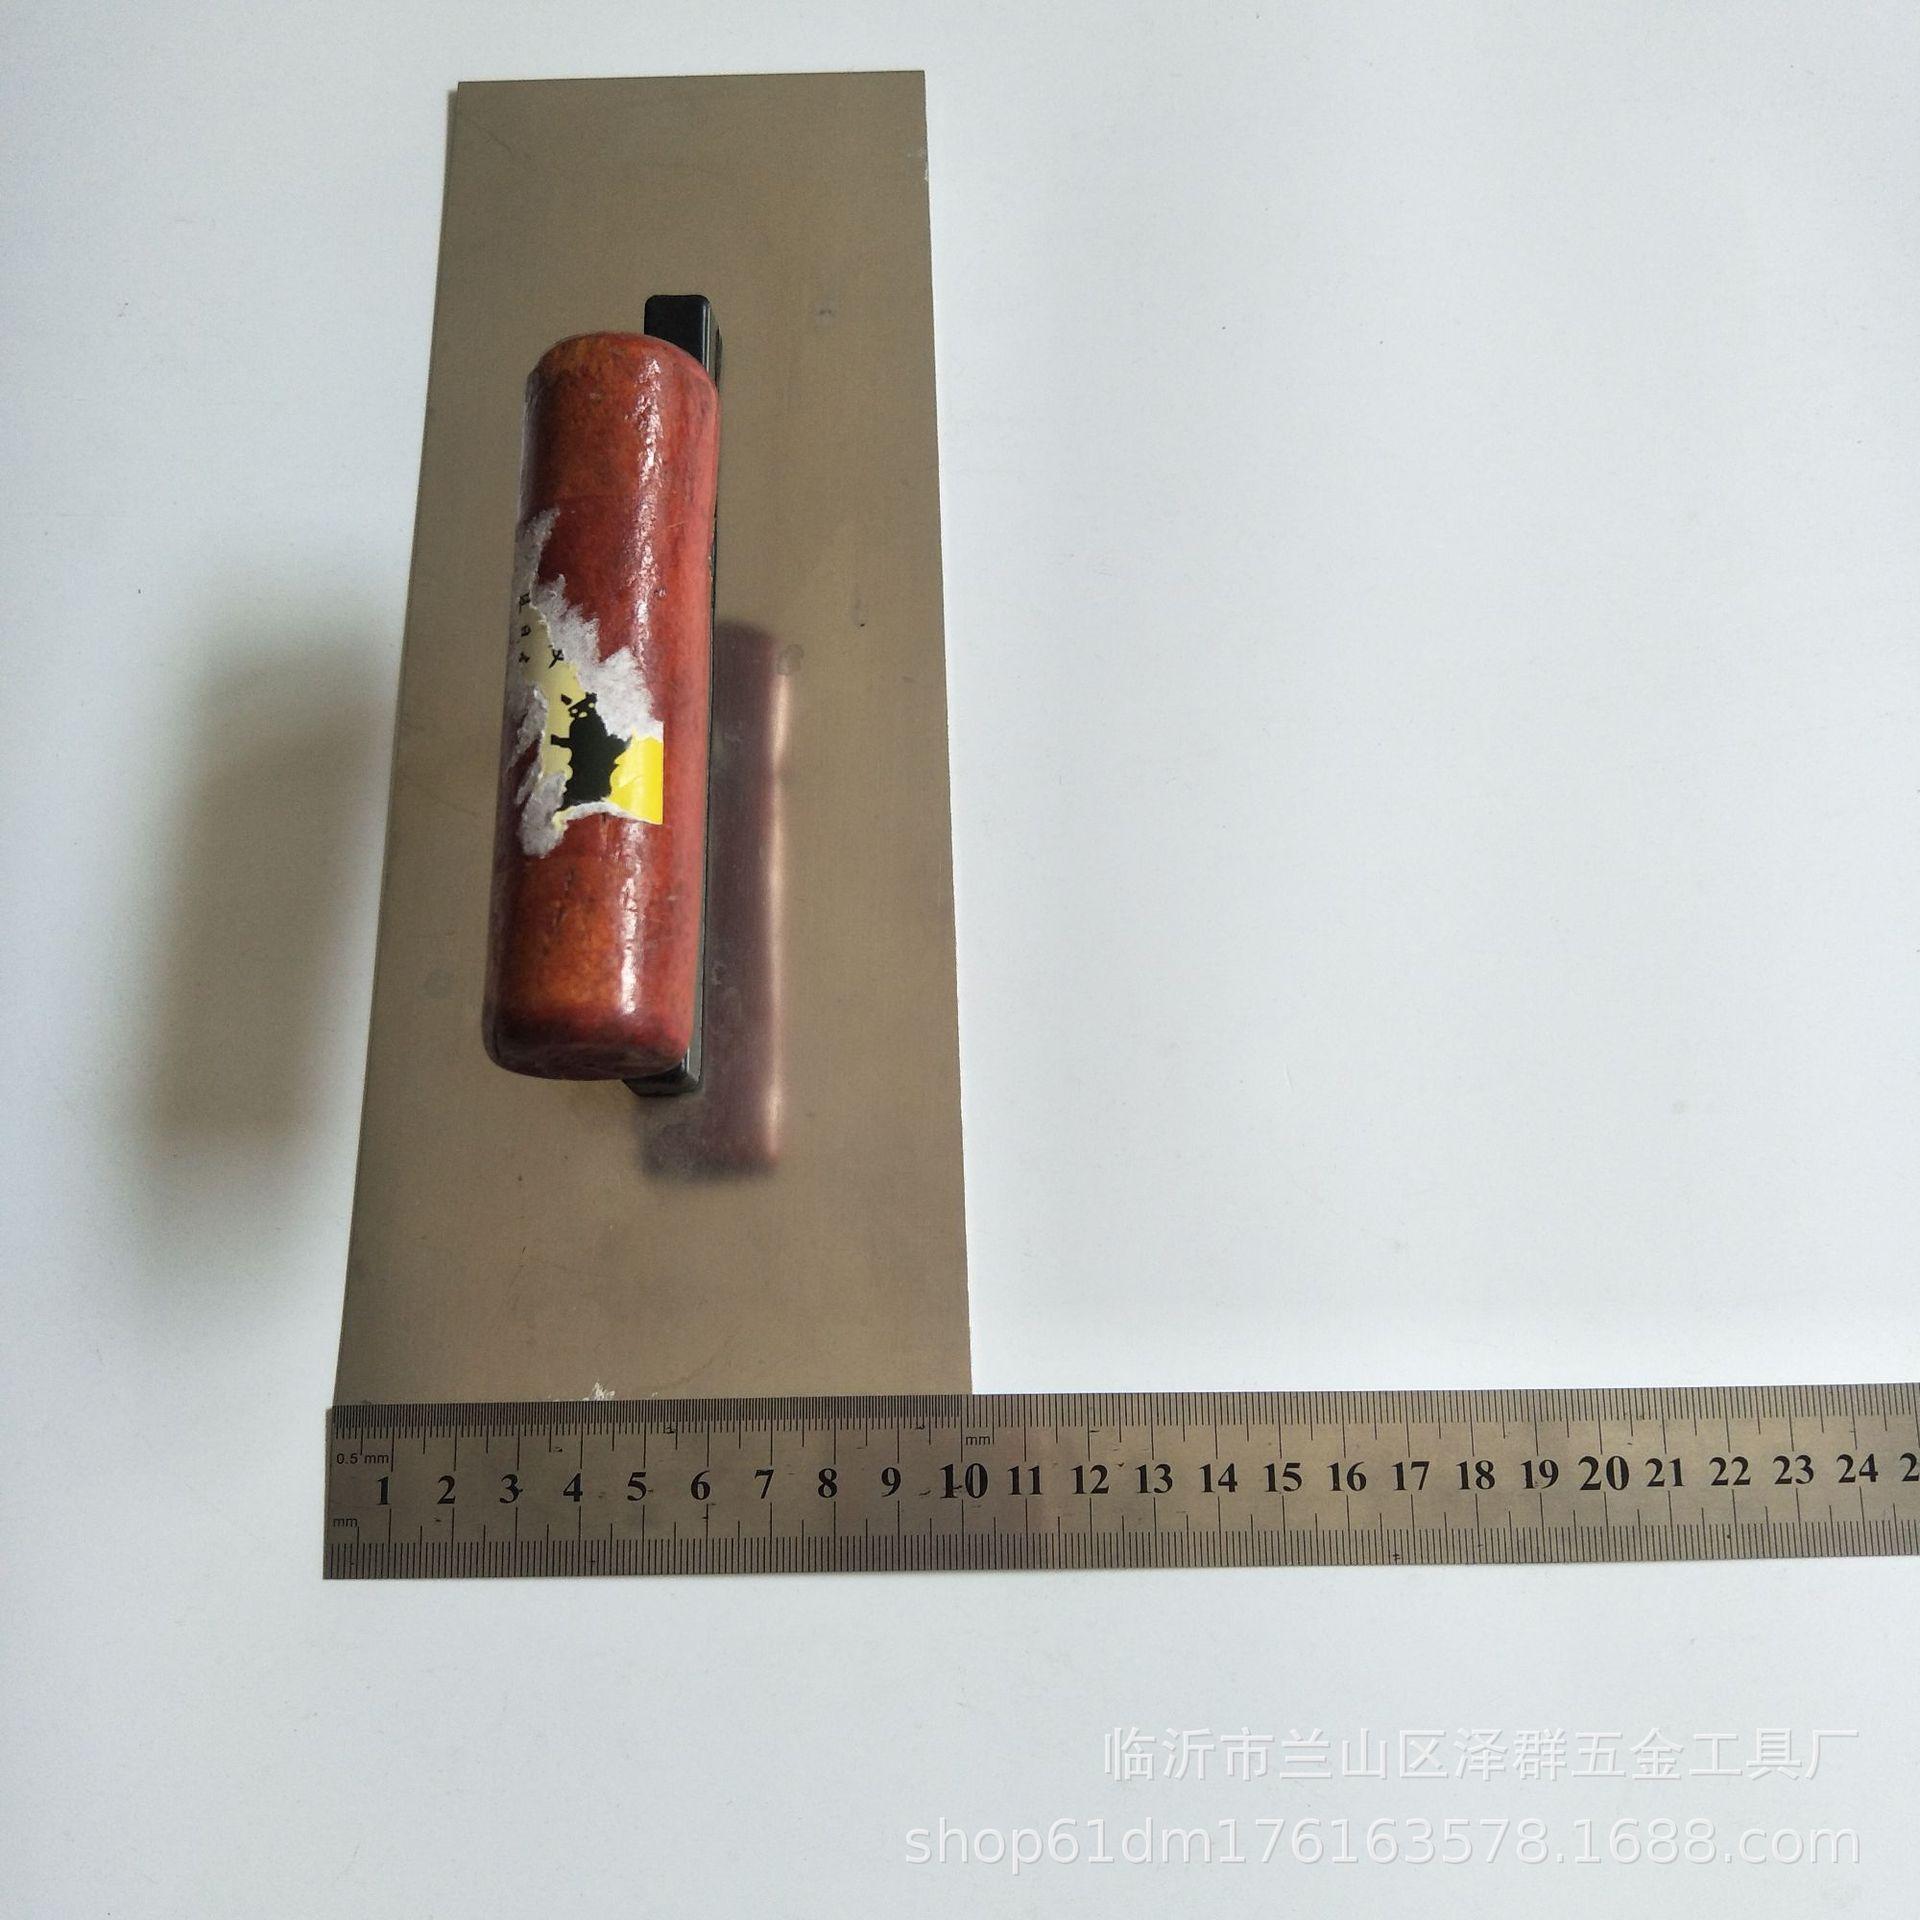 FUNIU Công cụ nghề mộc Thép không gỉ 24 khăn lau dầu dài Trang trí sơn bùn trowel dao làm dụng cụ Cà